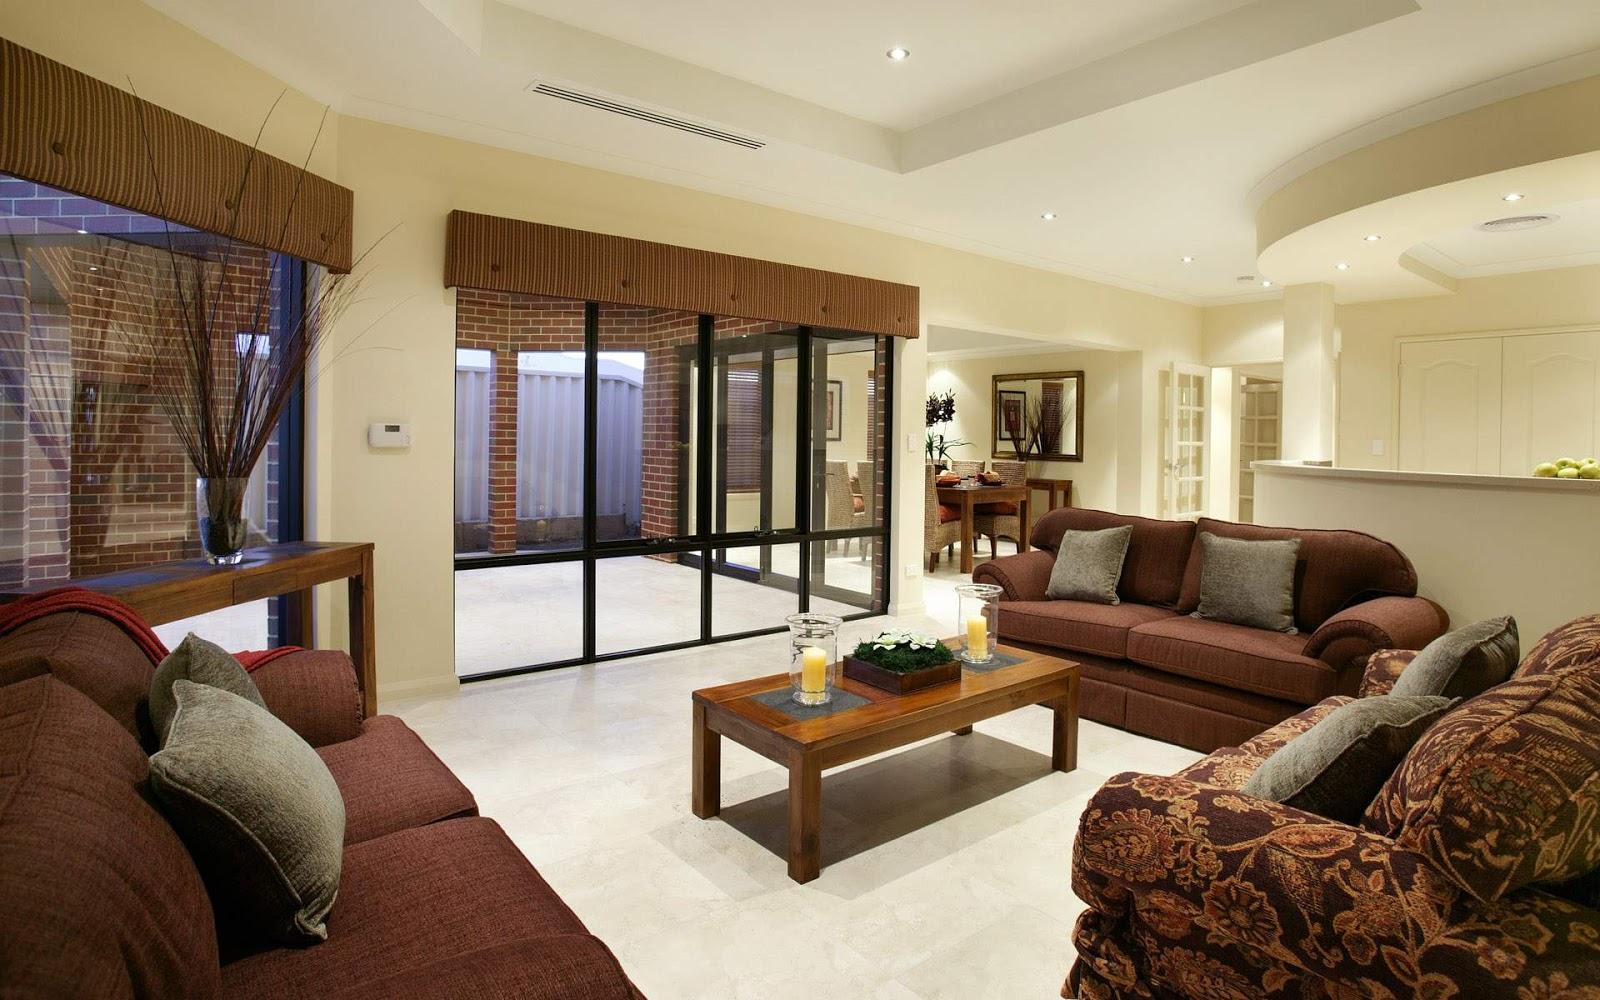 wohnzimmer design modern - home creation, Wohnzimmer dekoo